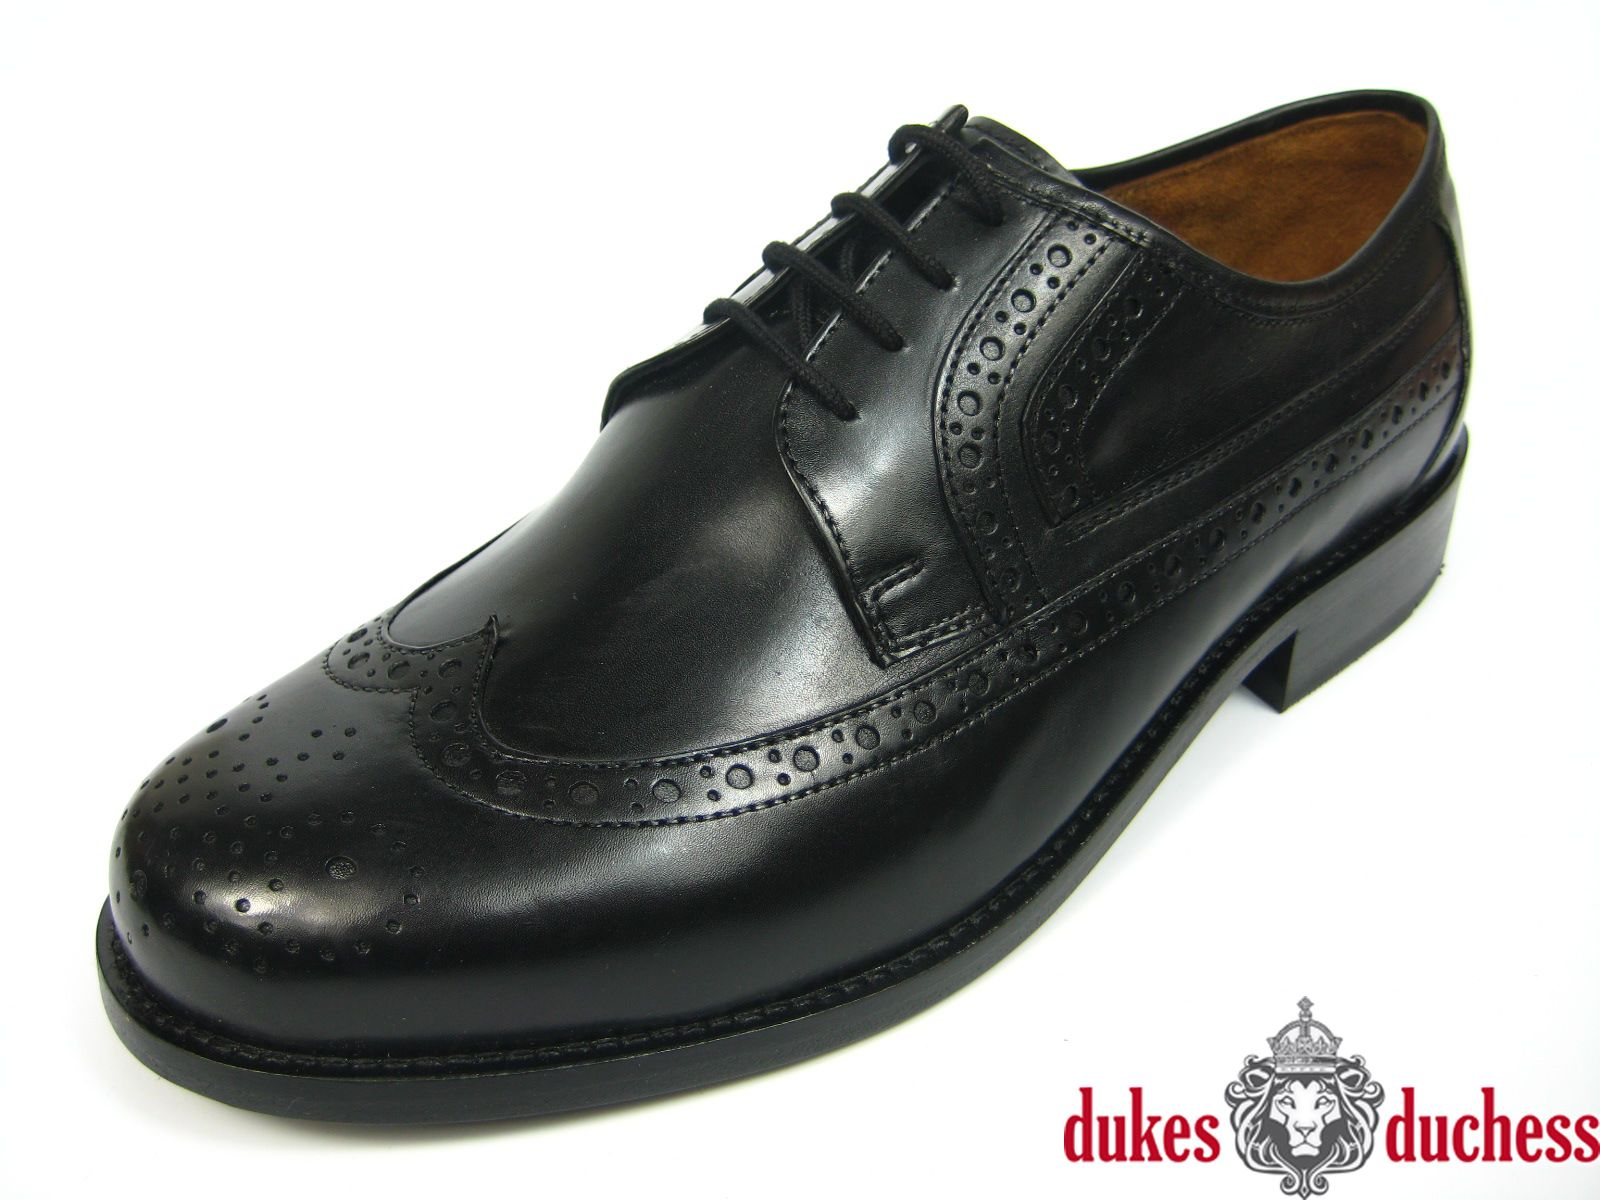 Manz Herren Leder Schuh Ledersohle 162092 K-Weite extra weit schwarz  Budapester   eBay abe623330e